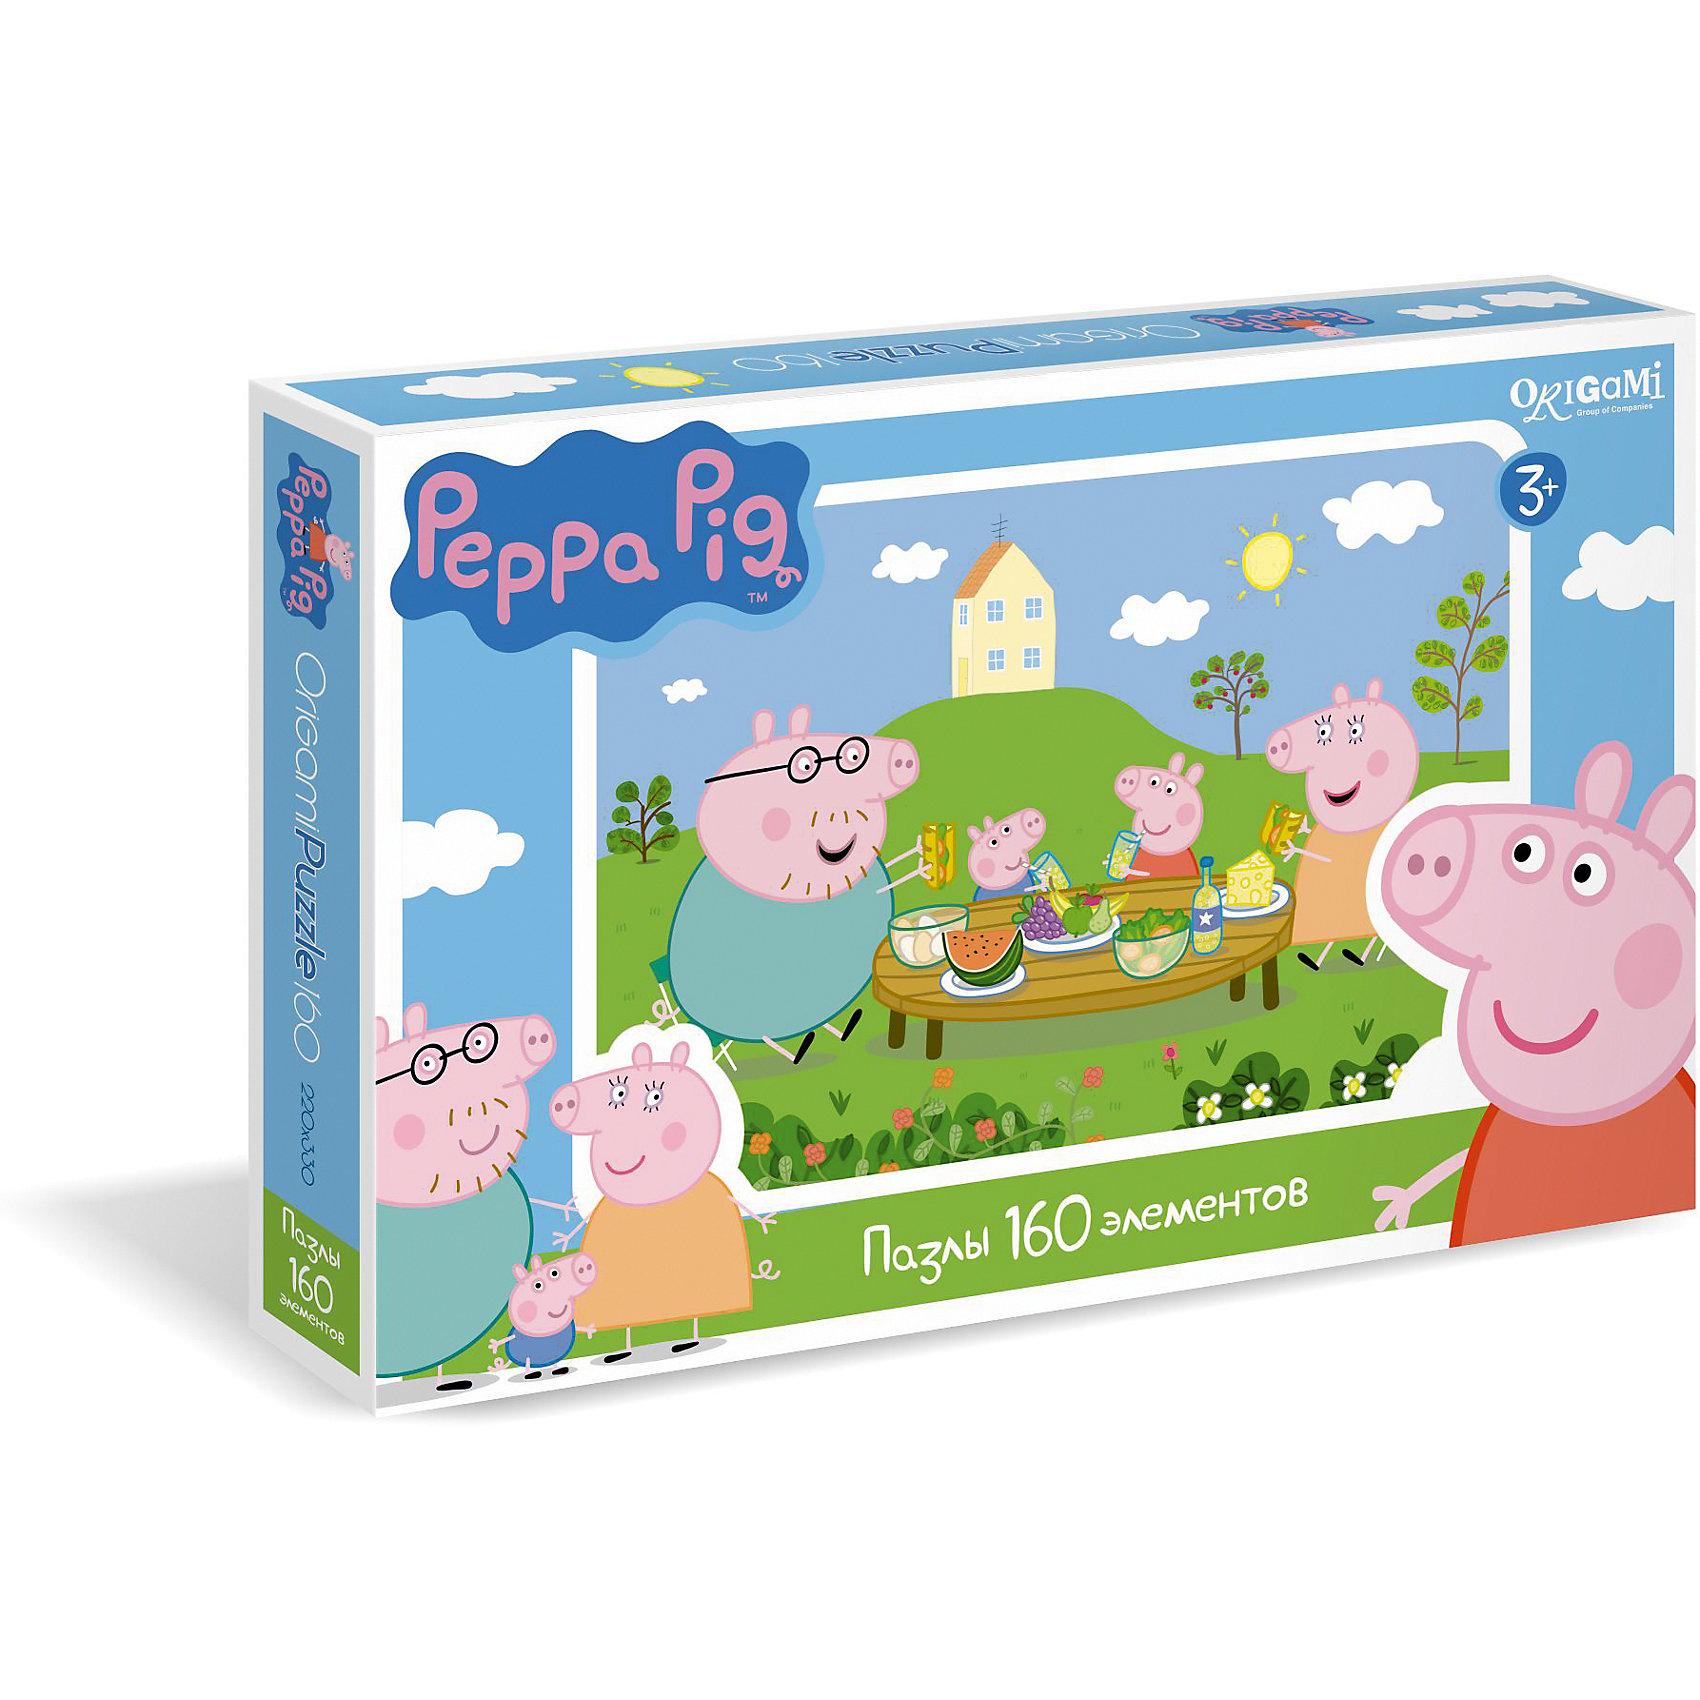 Пазл Пикник, 160 деталей, Свинка ПеппаПазл Пикник, 160 деталей, Свинка Пеппа - это увлекательный пазл, созданный для детей, которые любят с интересом и пользой проводить время.<br>Пазл Пикник - это яркий и красочный пазл по мотивам мультсериала о приключениях симпатичной маленькой свинки Пеппы. С помощью входящих в набор деталей ребенок сможет собрать красочную картинку, на которой свинка Пеппа со своими родителями и маленьким братцем Джорджем в солнечный день отдыхают на природе. Детали пазла прекрасно соединяются между собой, не расслаиваются и не ломаются при сборке. Эта головоломка позволит ребенку развить мелкую моторику рук, терпение, усидчивость, зрительную память и научит мыслить логически.<br><br>Дополнительная информация:<br><br>- Количество деталей: 160<br>- Размер собранного пазла: 33х22 см.<br>- Материал: картон<br>- Размер коробки: 29,2x3,8x19 мм.<br>- Вес: 140 гр.<br><br>Пазл Пикник, 160 деталей, Свинка Пеппа можно купить в нашем интернет-магазине.<br><br>Ширина мм: 292<br>Глубина мм: 38<br>Высота мм: 190<br>Вес г: 140<br>Возраст от месяцев: 36<br>Возраст до месяцев: 96<br>Пол: Унисекс<br>Возраст: Детский<br>Количество деталей: 160<br>SKU: 4335010